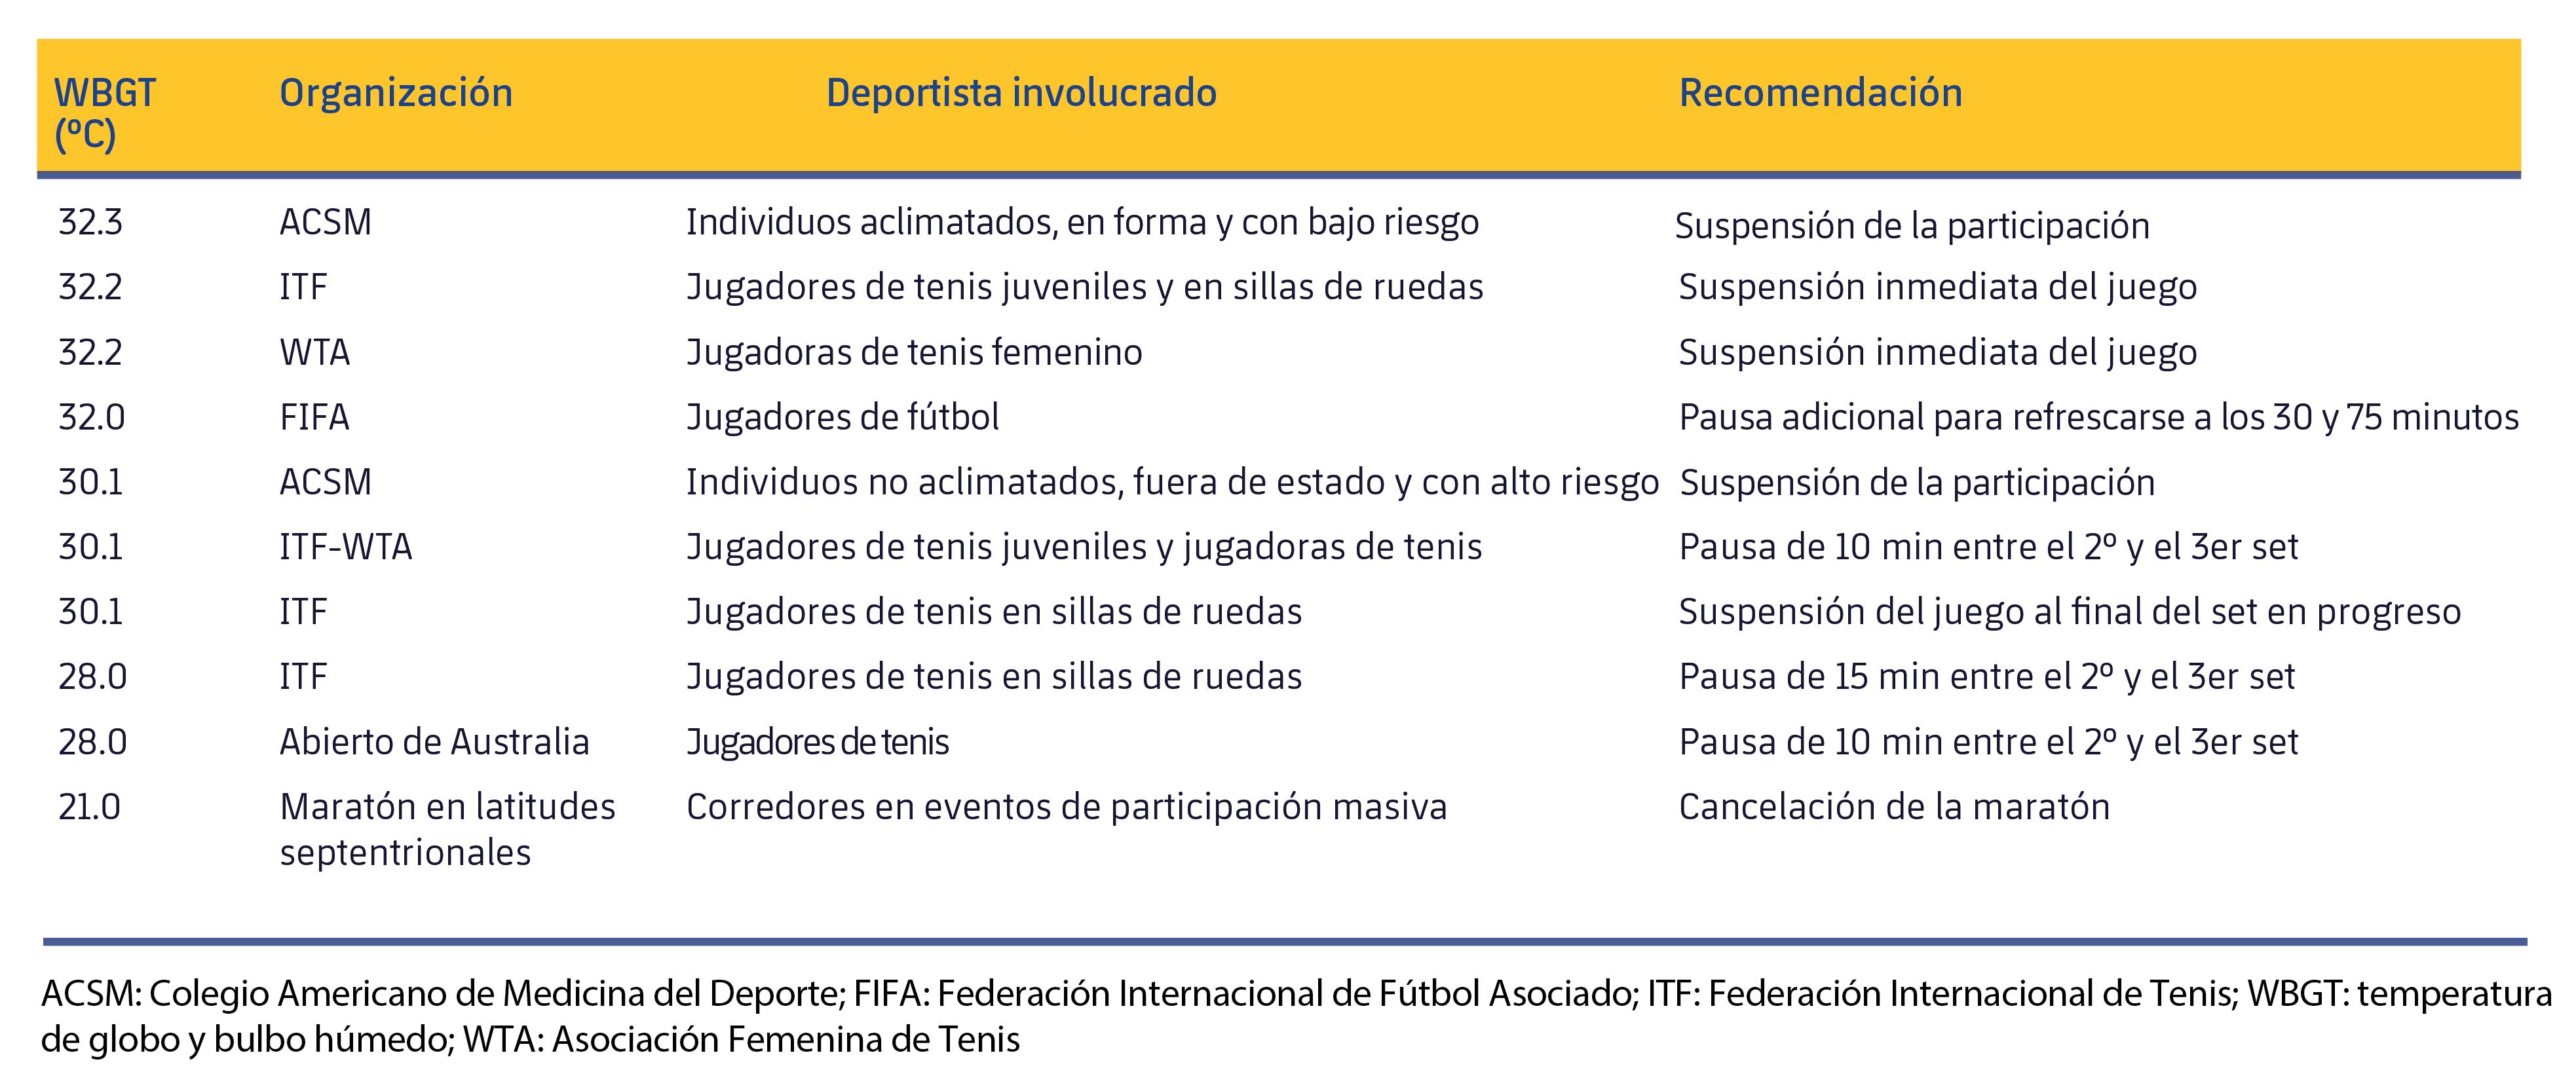 Figura 3. Medidas recomendadas de diversas entidades deportivas según el WBGT. Modificado de Racinais et al. (2015).